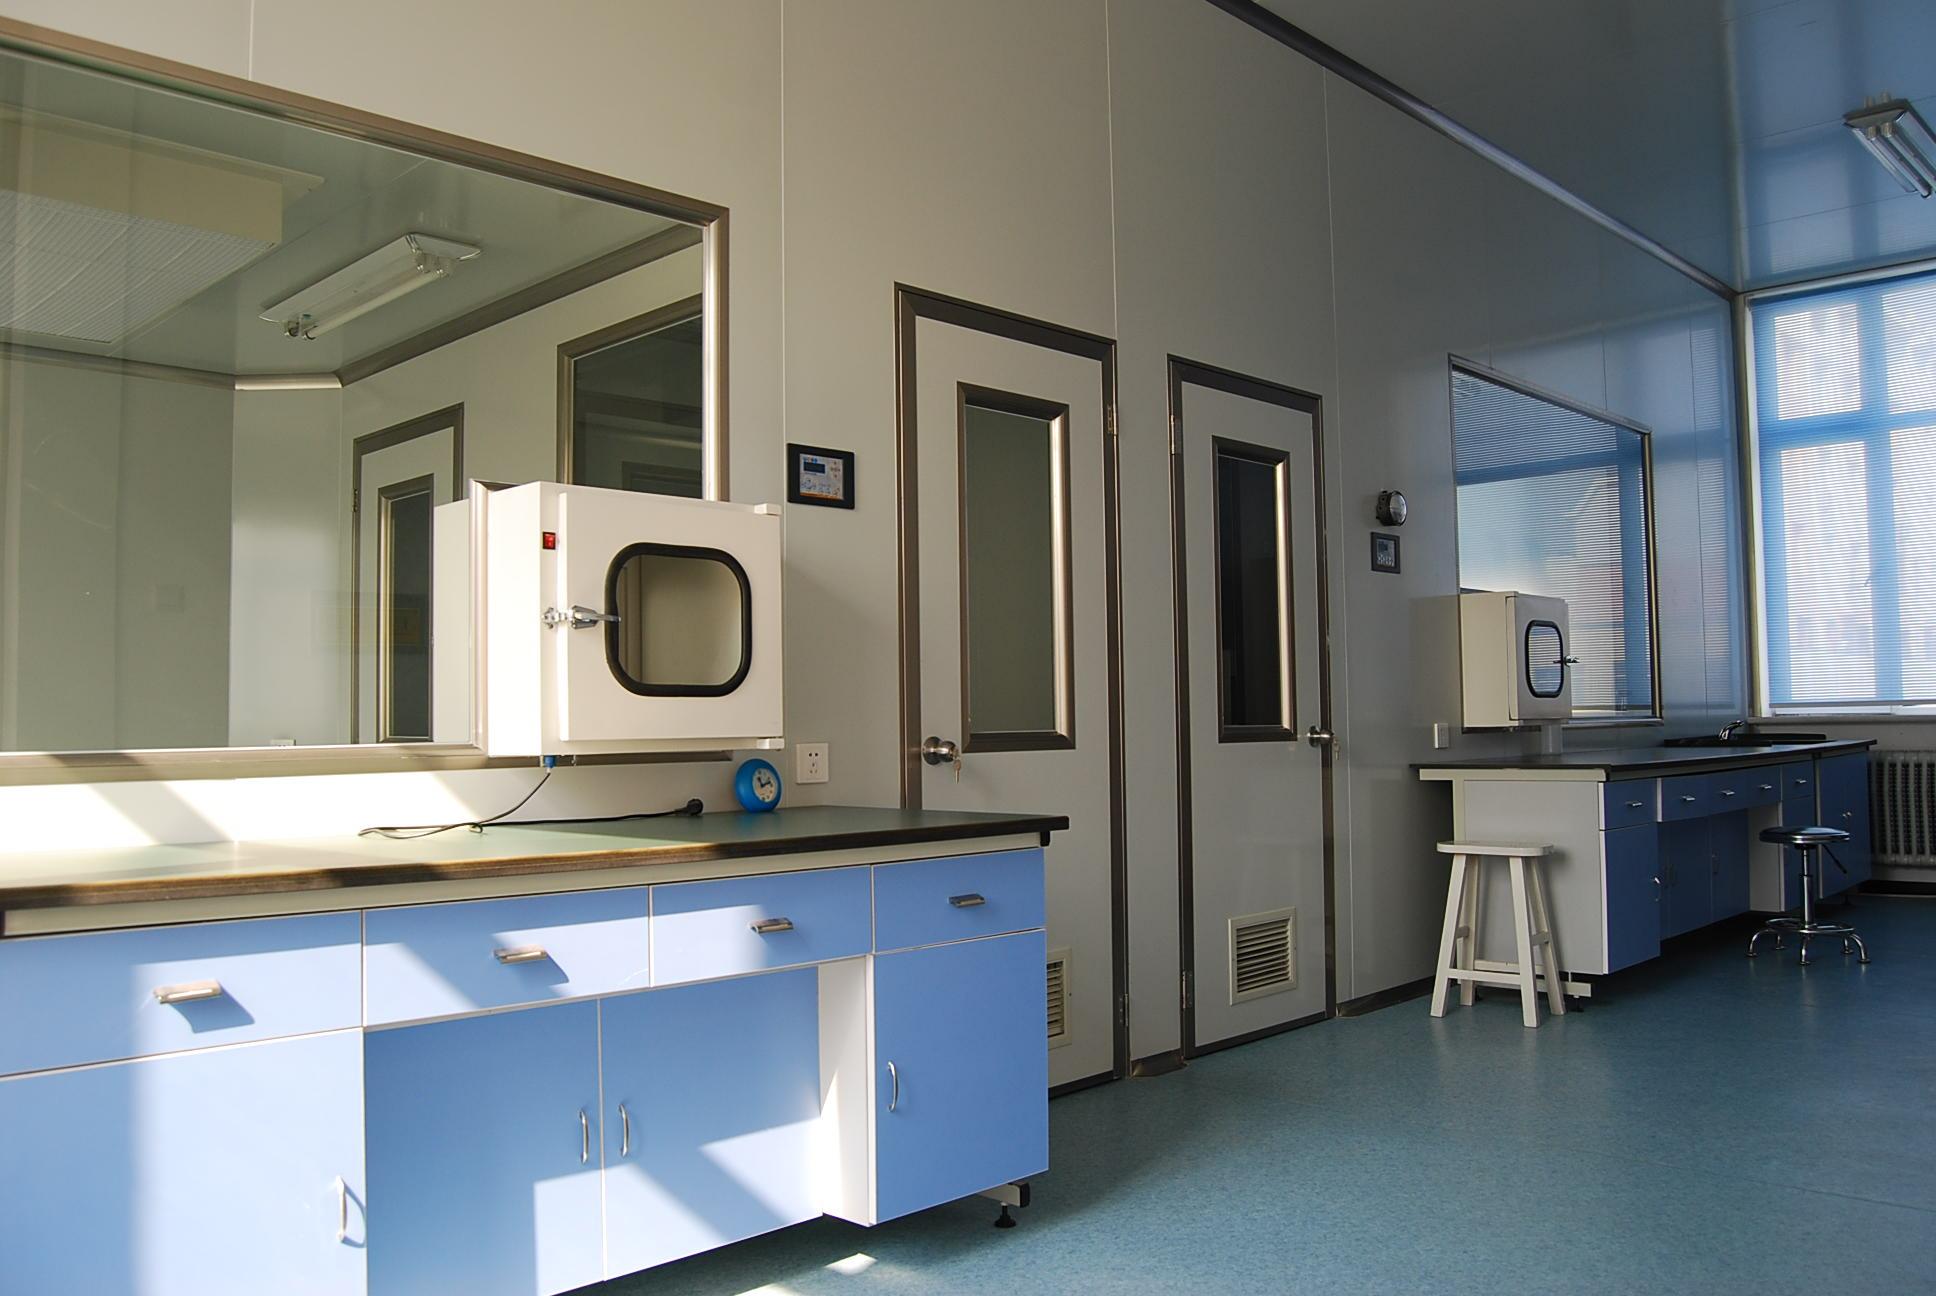 微生物检测实验室_实验室系统工程_广州科度实验设备